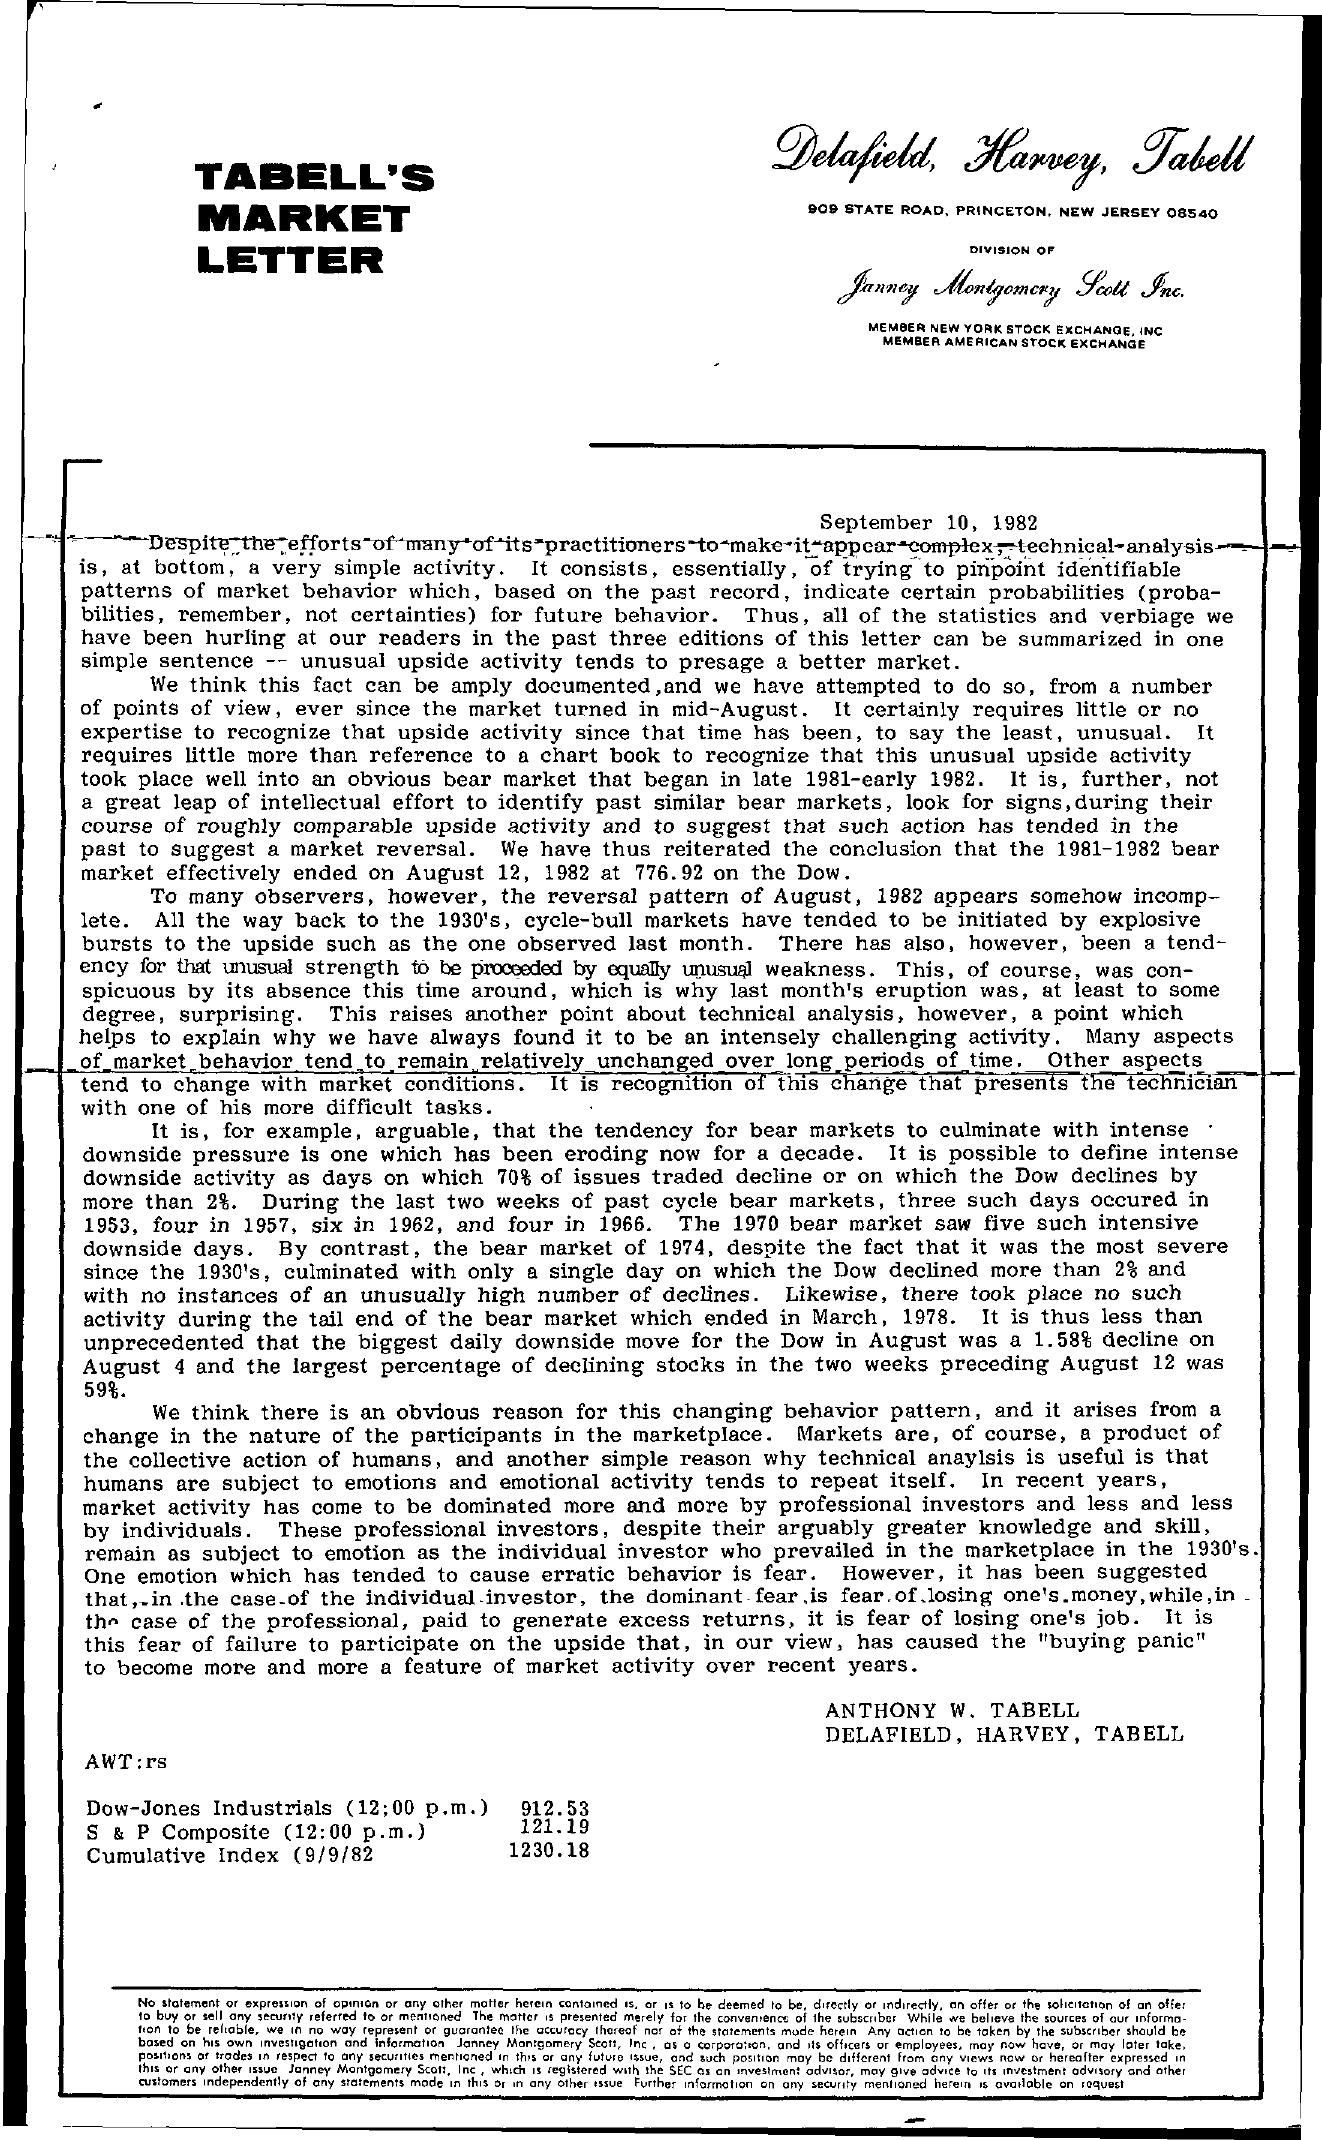 Tabell's Market Letter - September 10, 1982